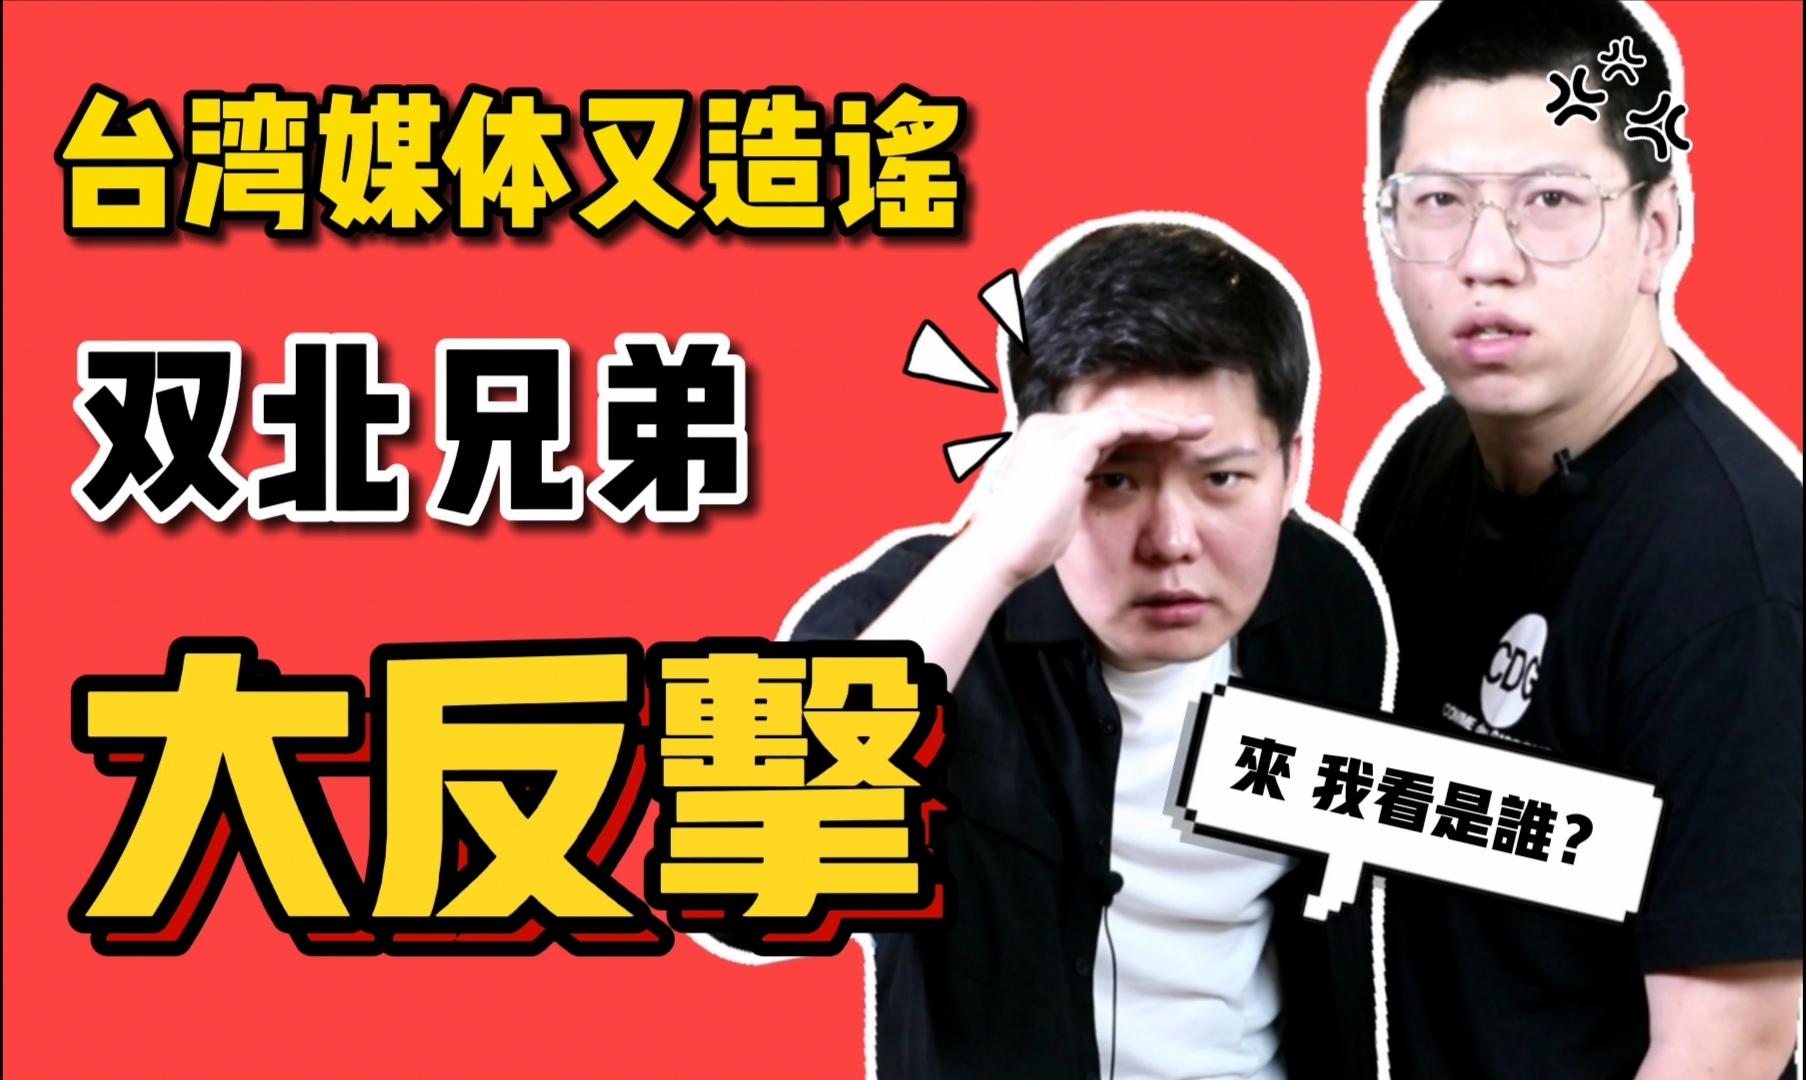 """台湾媒体又造谣?""""双北兄弟""""大反击!图片"""